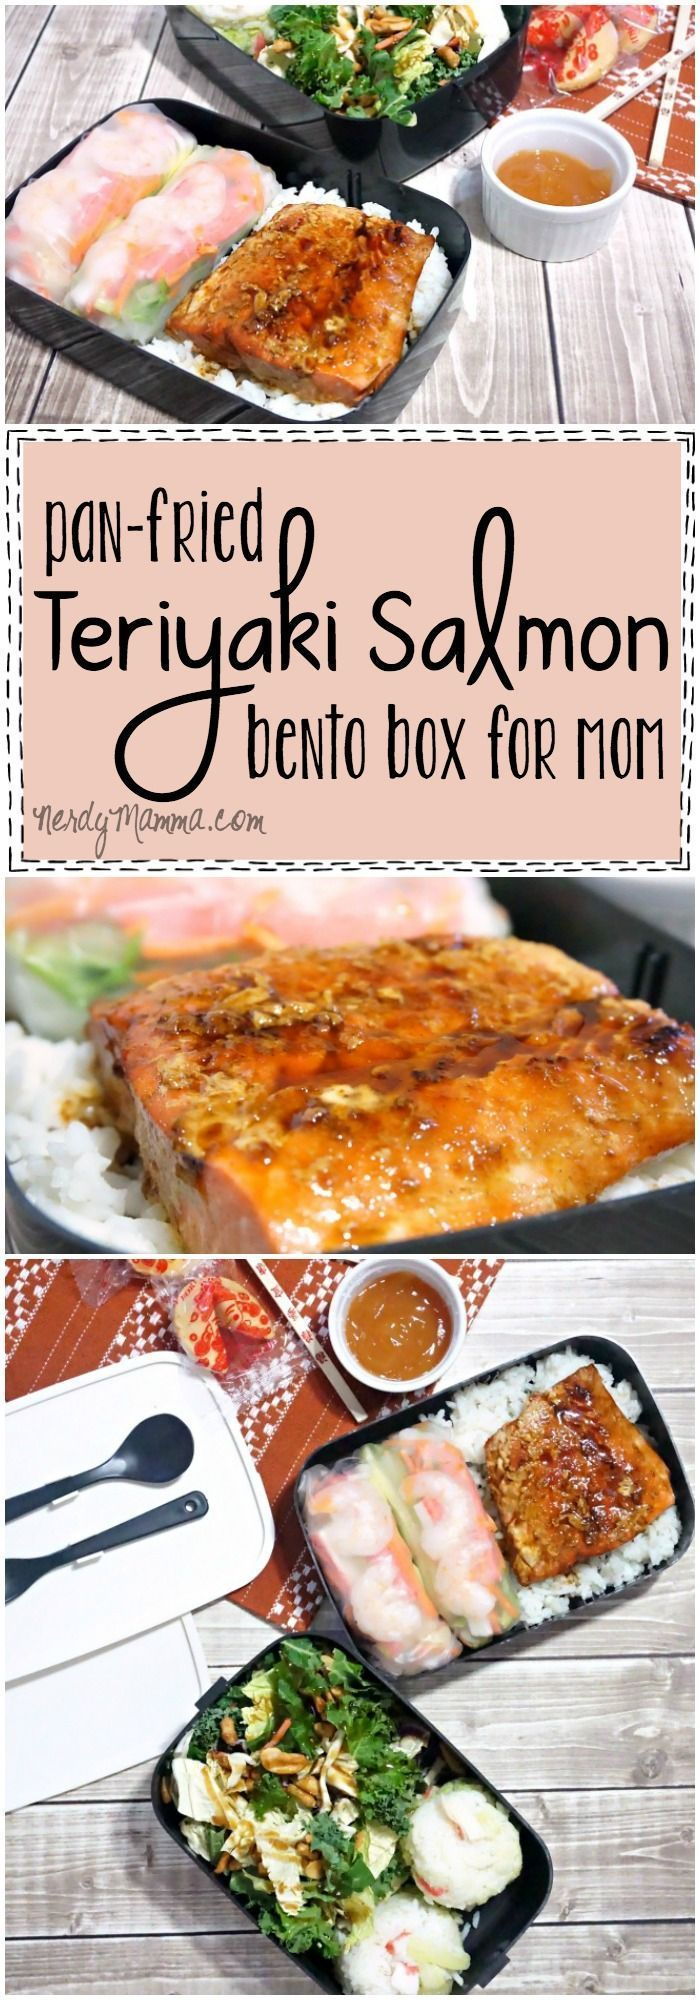 Pan-Fried Teriyaki Salmon Bento Box for Mom  - Food! - #Bento #Box #Food #mom #panfried #salmon #Teriyaki #salmonteriyaki Pan-Fried Teriyaki Salmon Bento Box for Mom  - Food! - #Bento #Box #Food #mom #panfried #salmon #Teriyaki #salmonteriyaki Pan-Fried Teriyaki Salmon Bento Box for Mom  - Food! - #Bento #Box #Food #mom #panfried #salmon #Teriyaki #salmonteriyaki Pan-Fried Teriyaki Salmon Bento Box for Mom  - Food! - #Bento #Box #Food #mom #panfried #salmon #Teriyaki #salmonteriyaki